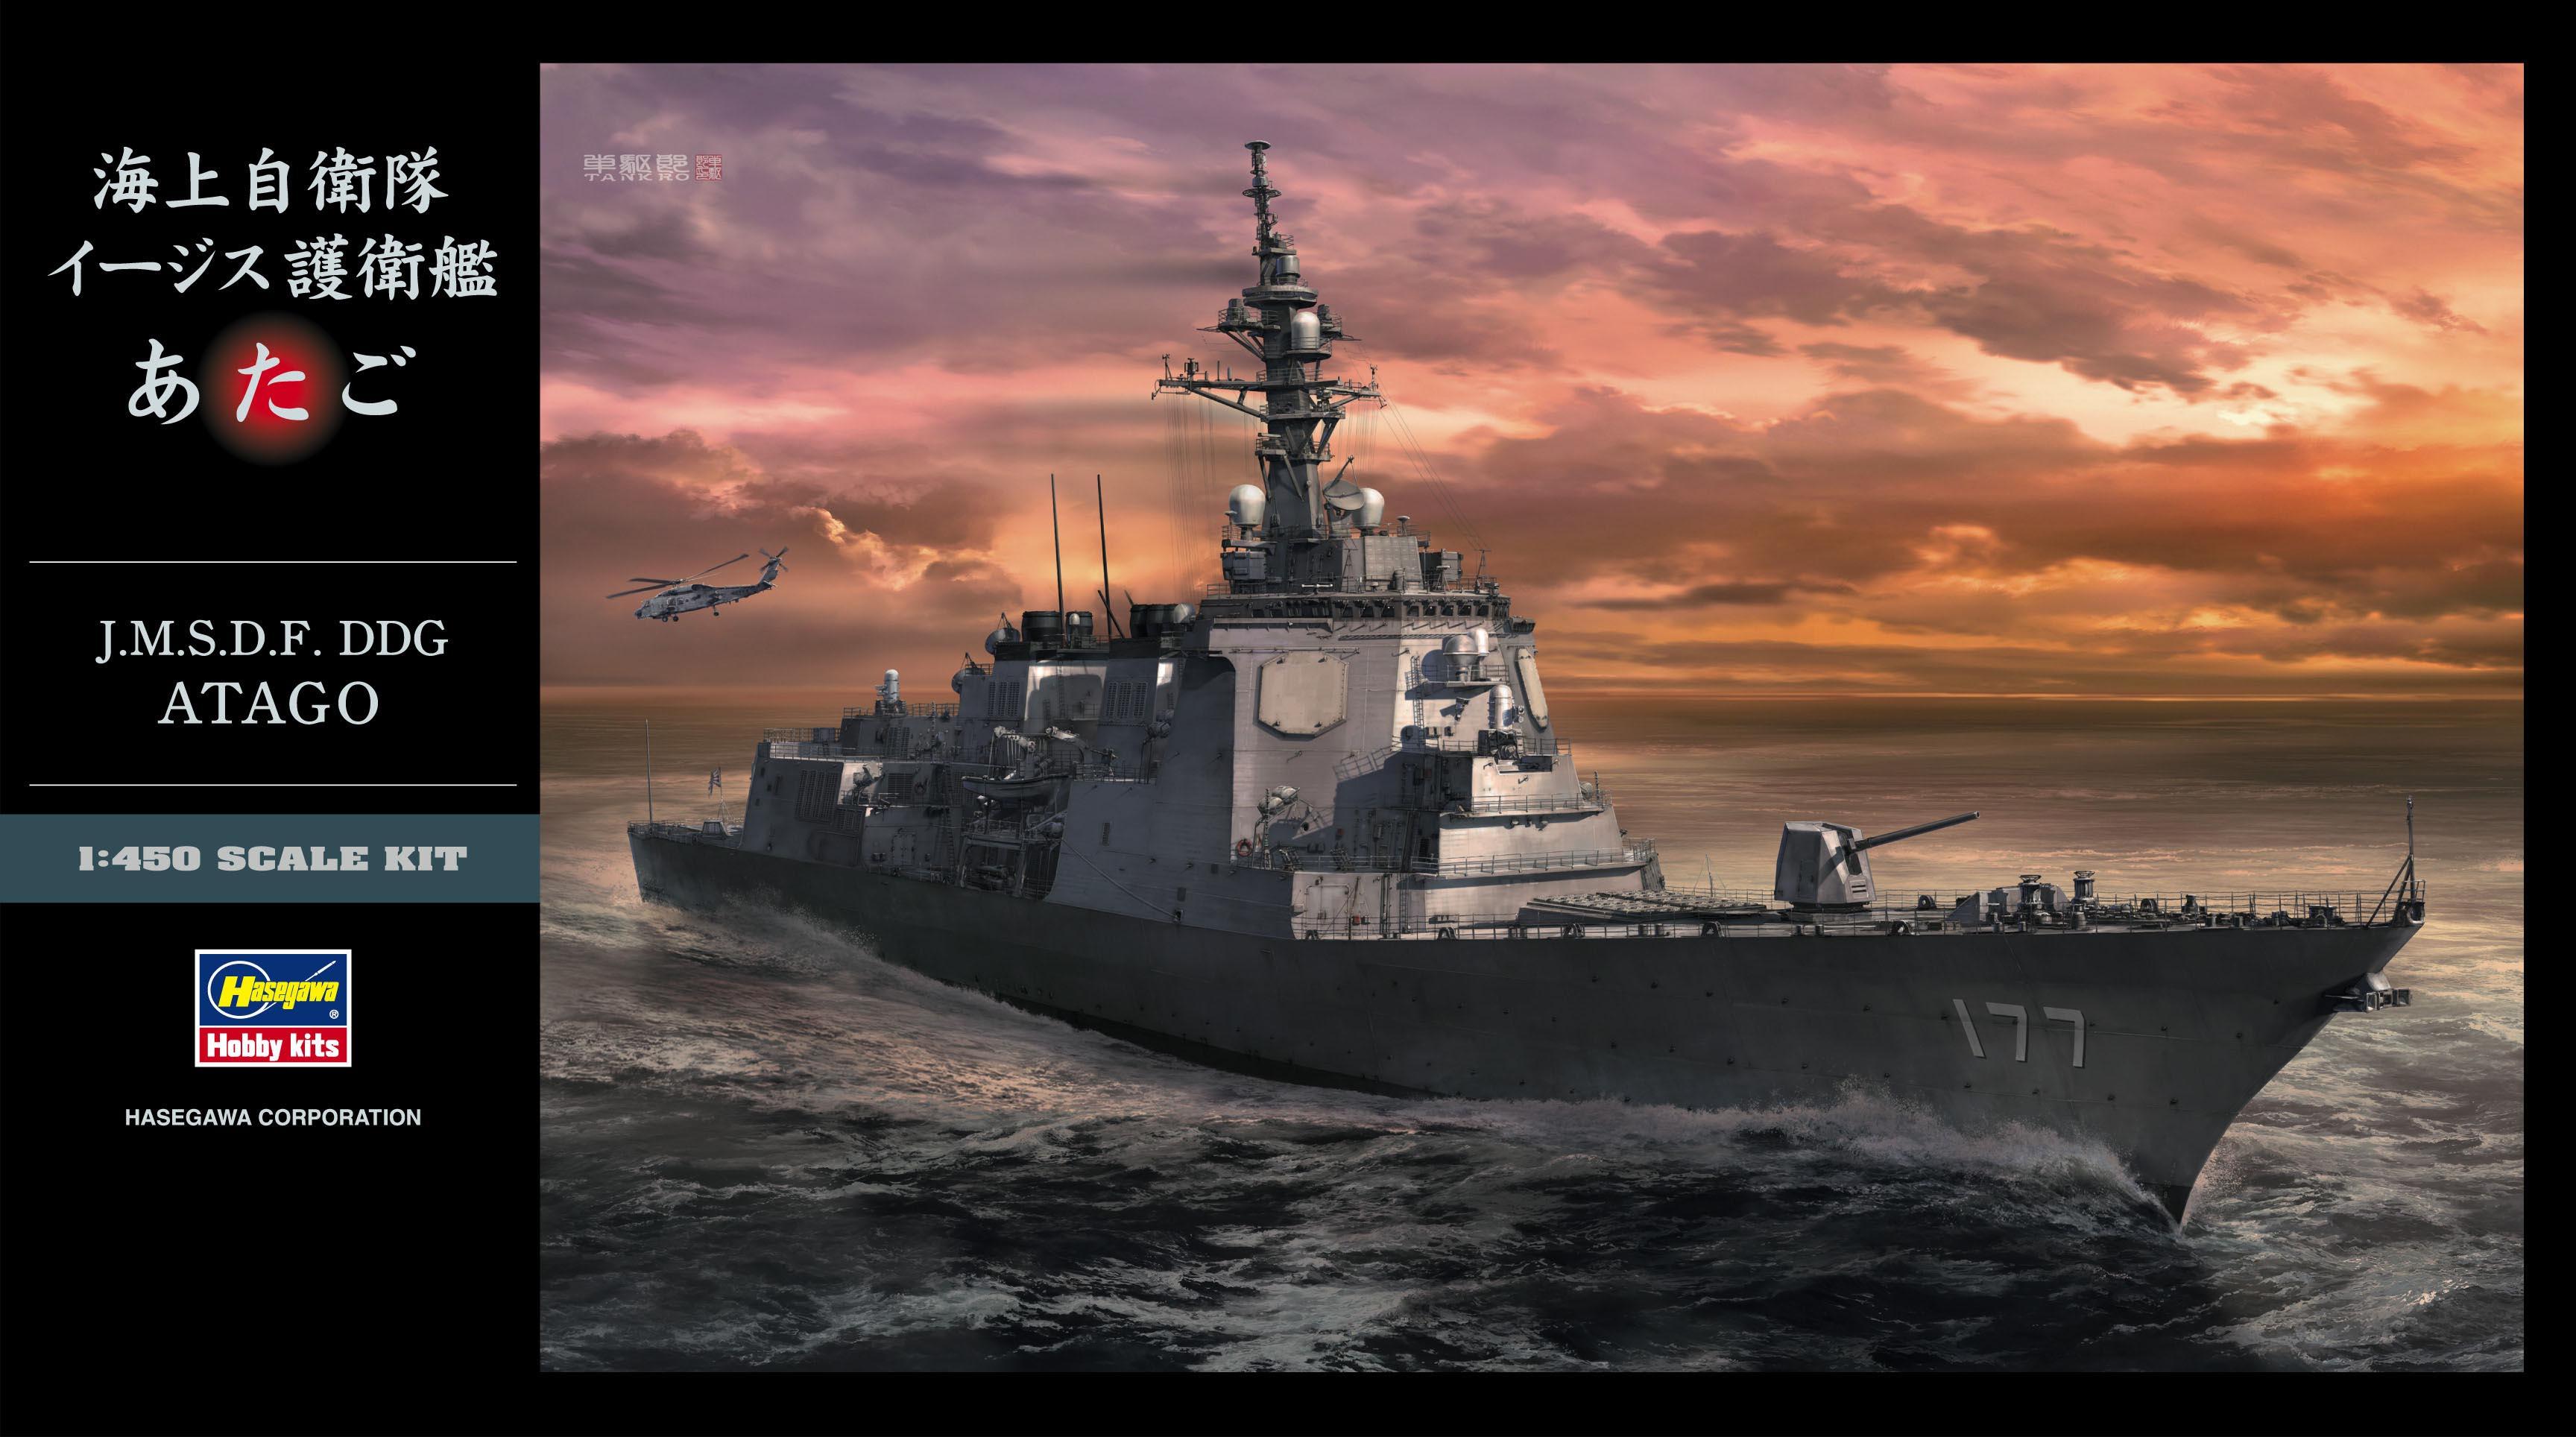 Hasegawa 1/450 J.M.S.D.F. Ddg Atago